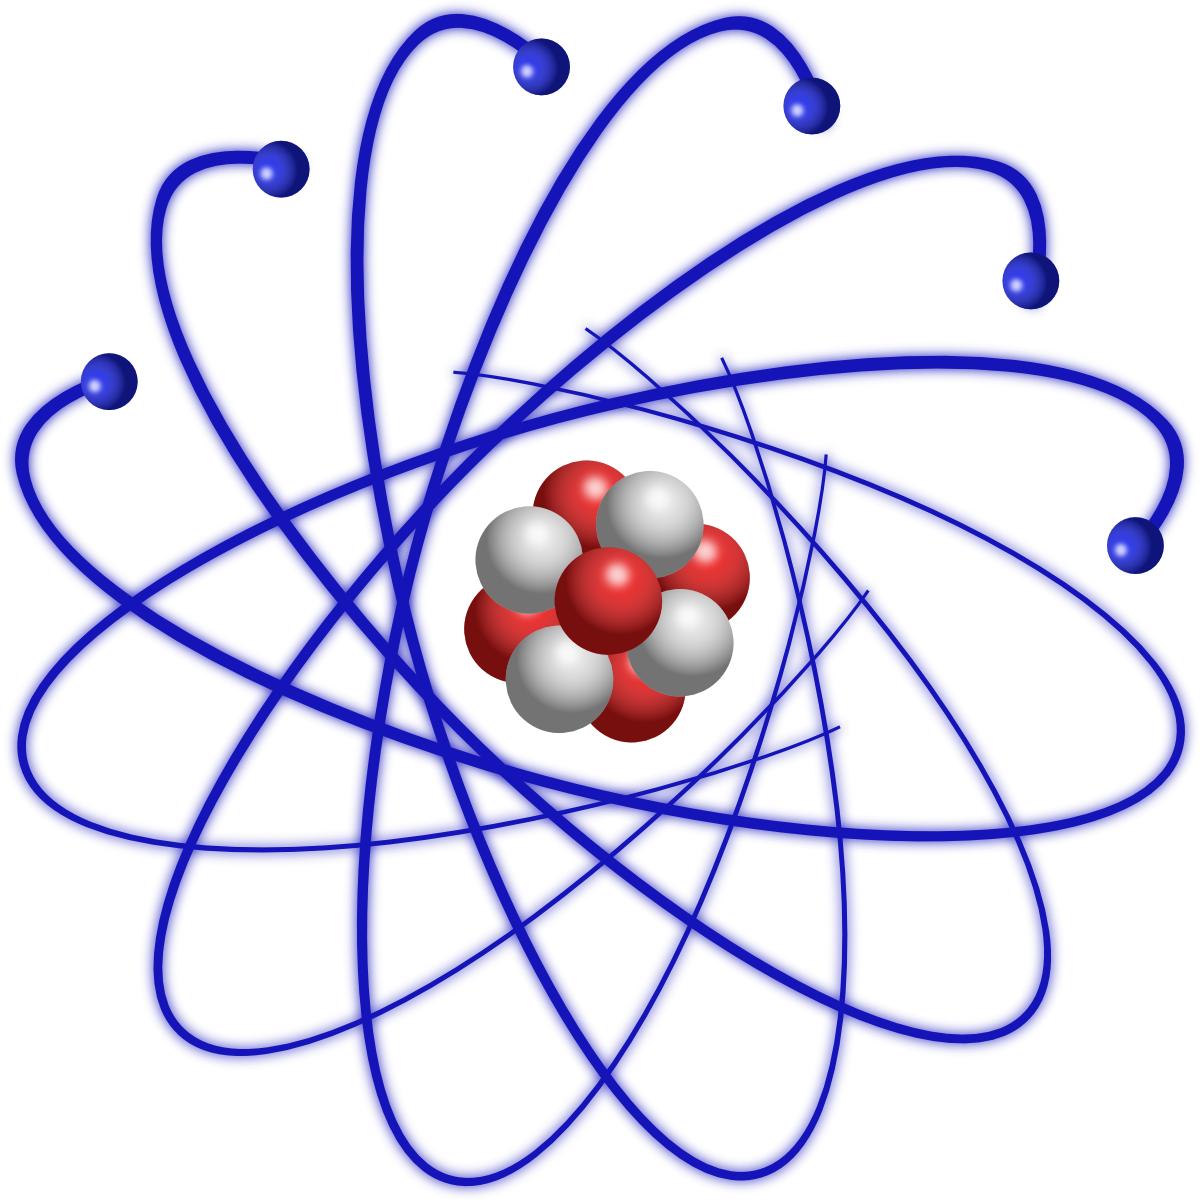 index of linux scientific graphics version 3 logo